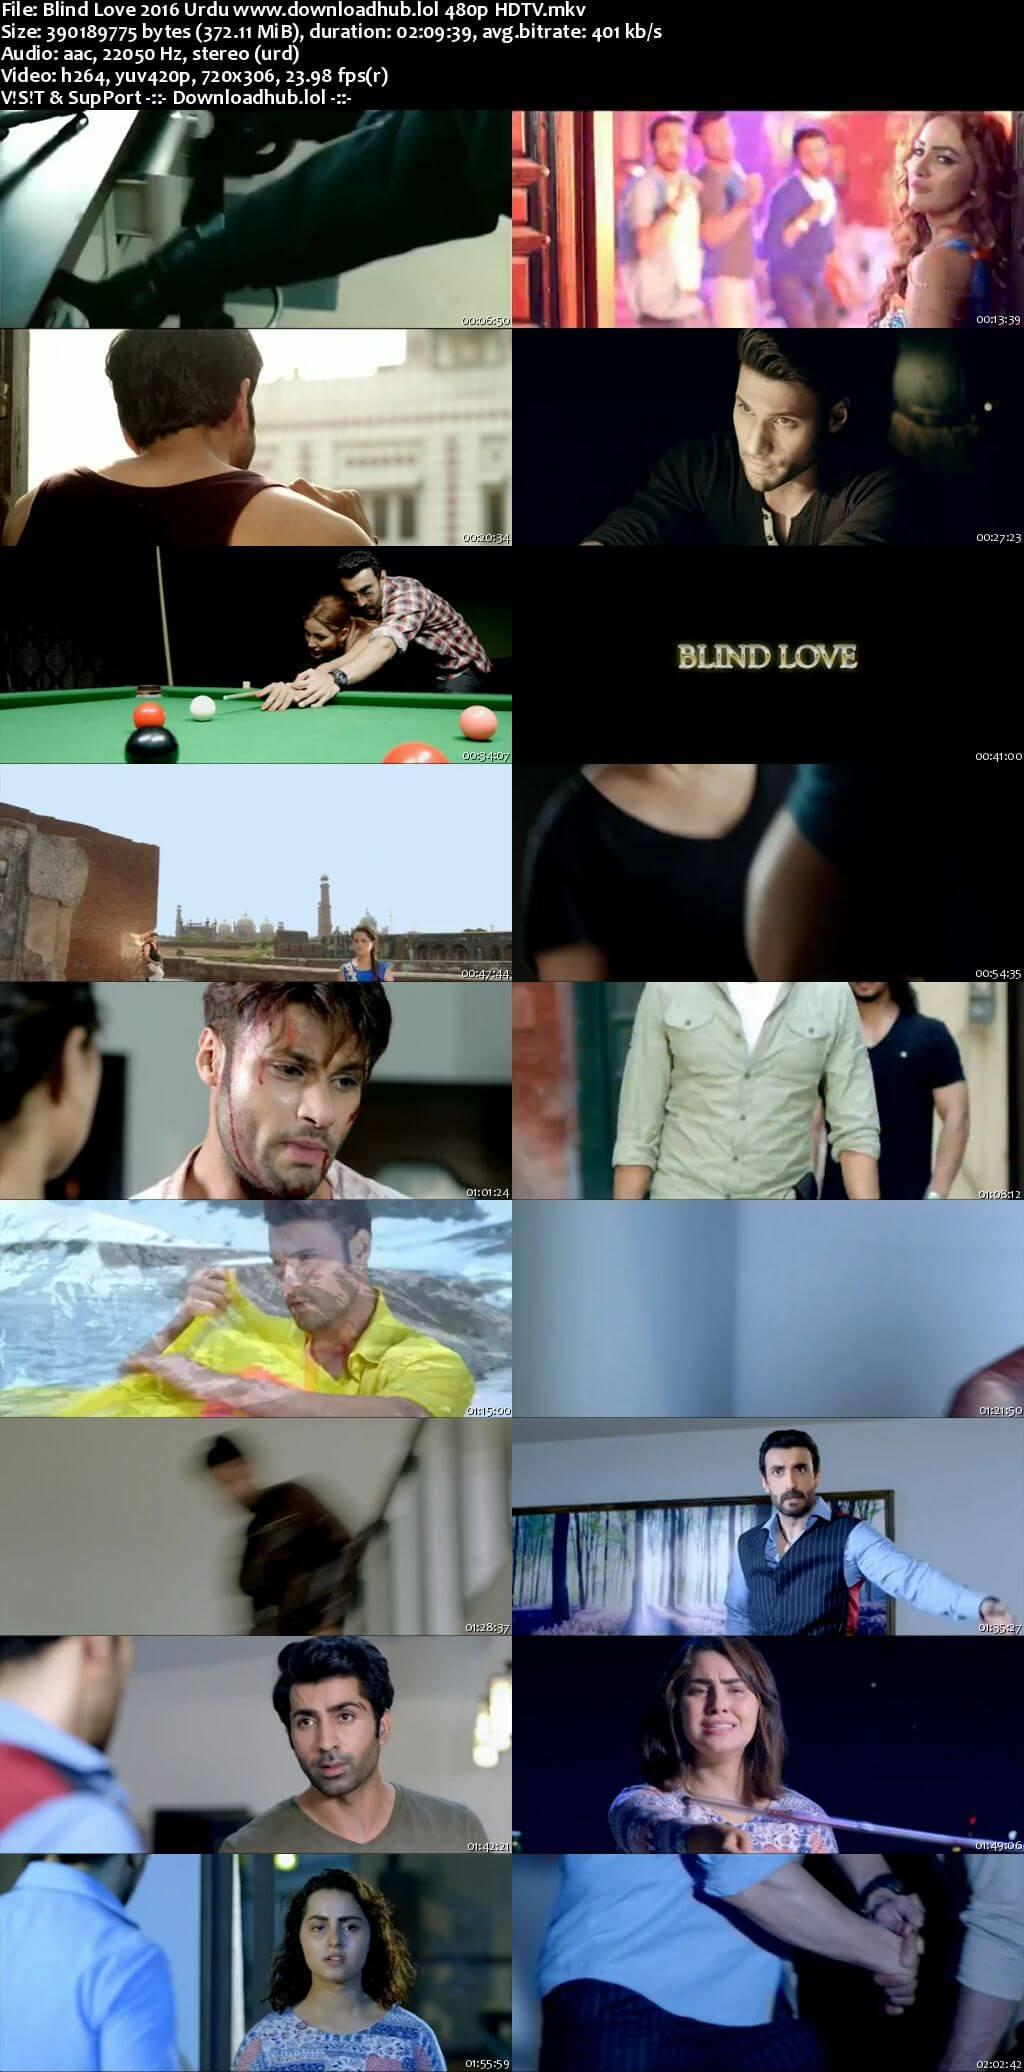 Blind Love 2016 Urdu 350MB HDTV 480p